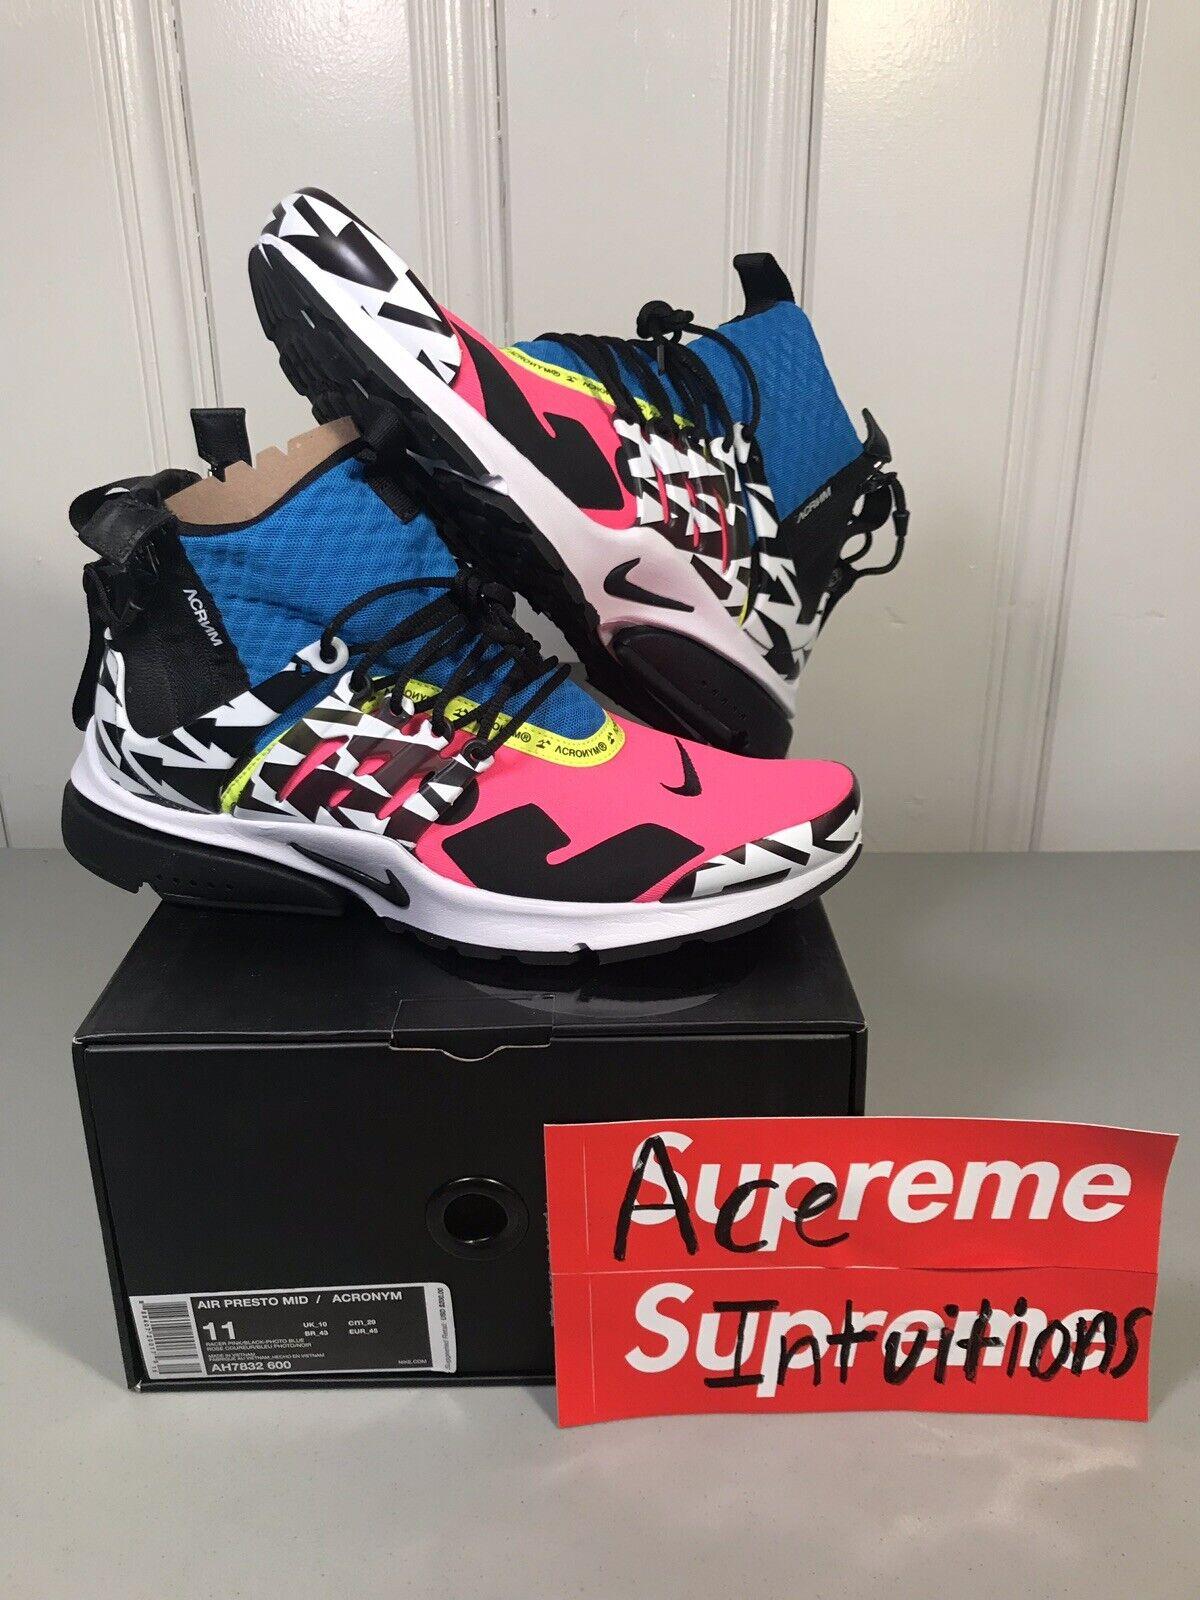 4170aeb1c7 Nike X Acronym Air Presto Mid Racer Pink Blue Limited Ah7832-600 ...